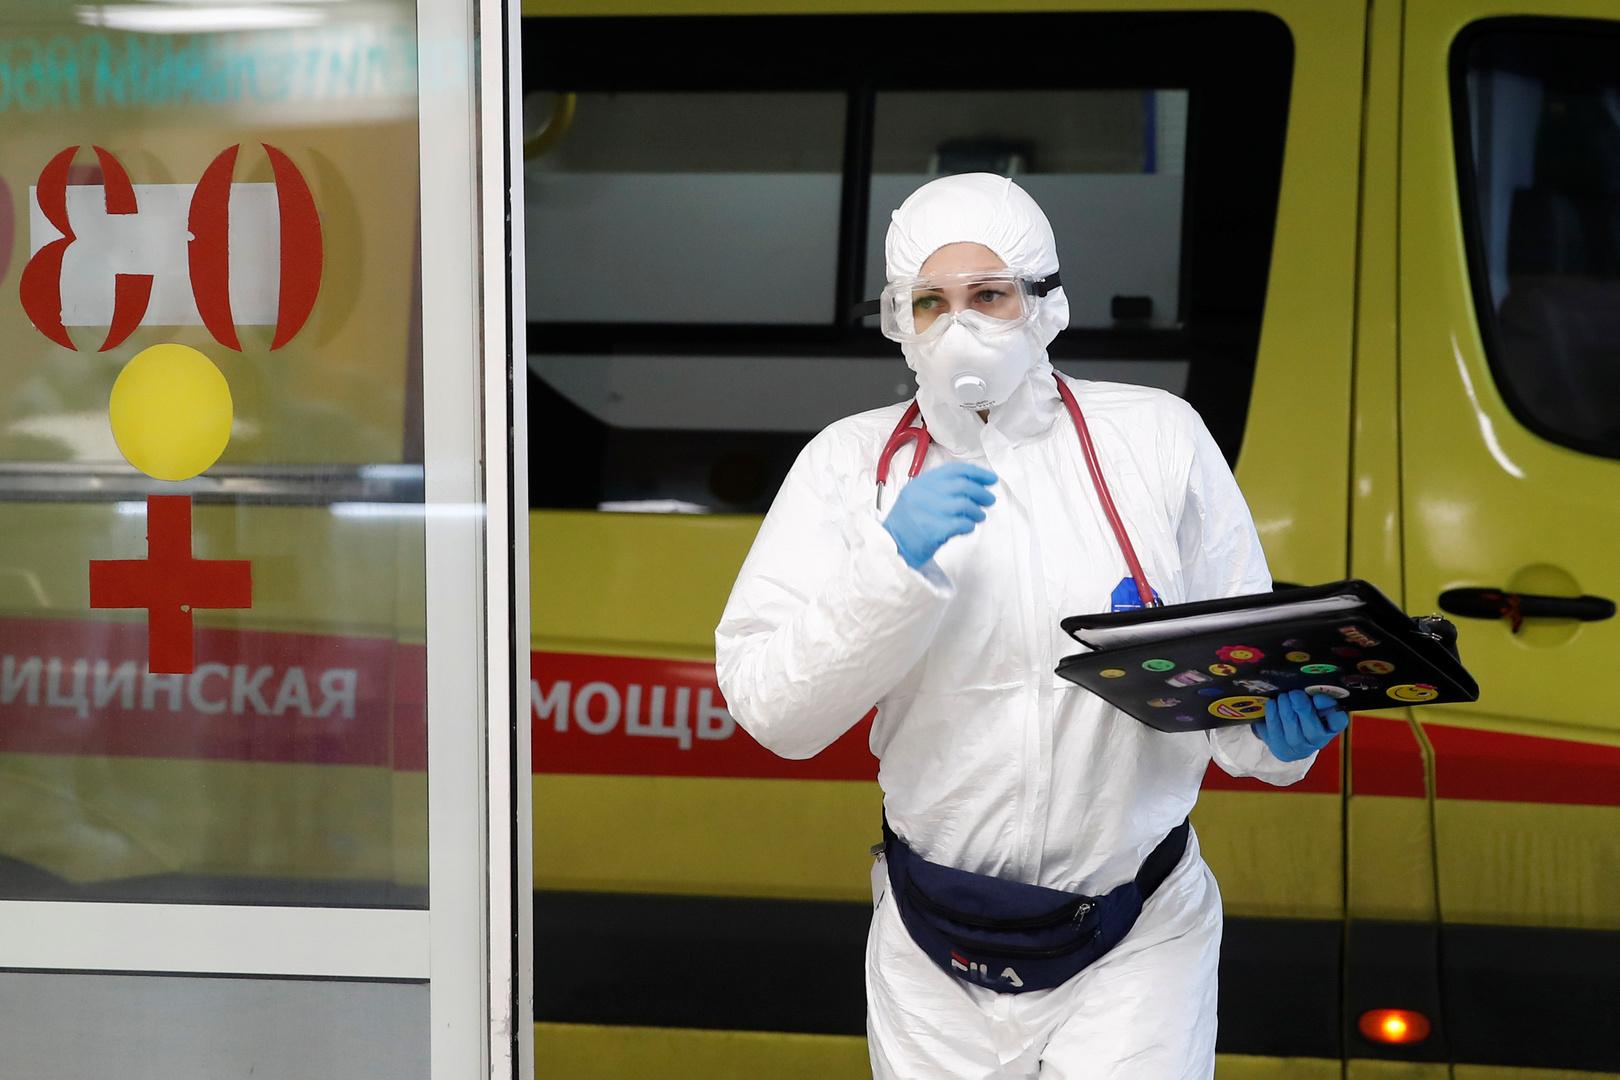 روسيا.. تسجيل 129 وفاة جديدة و5212 إصابة بفيروس كورونا خلال اليوم الماضي